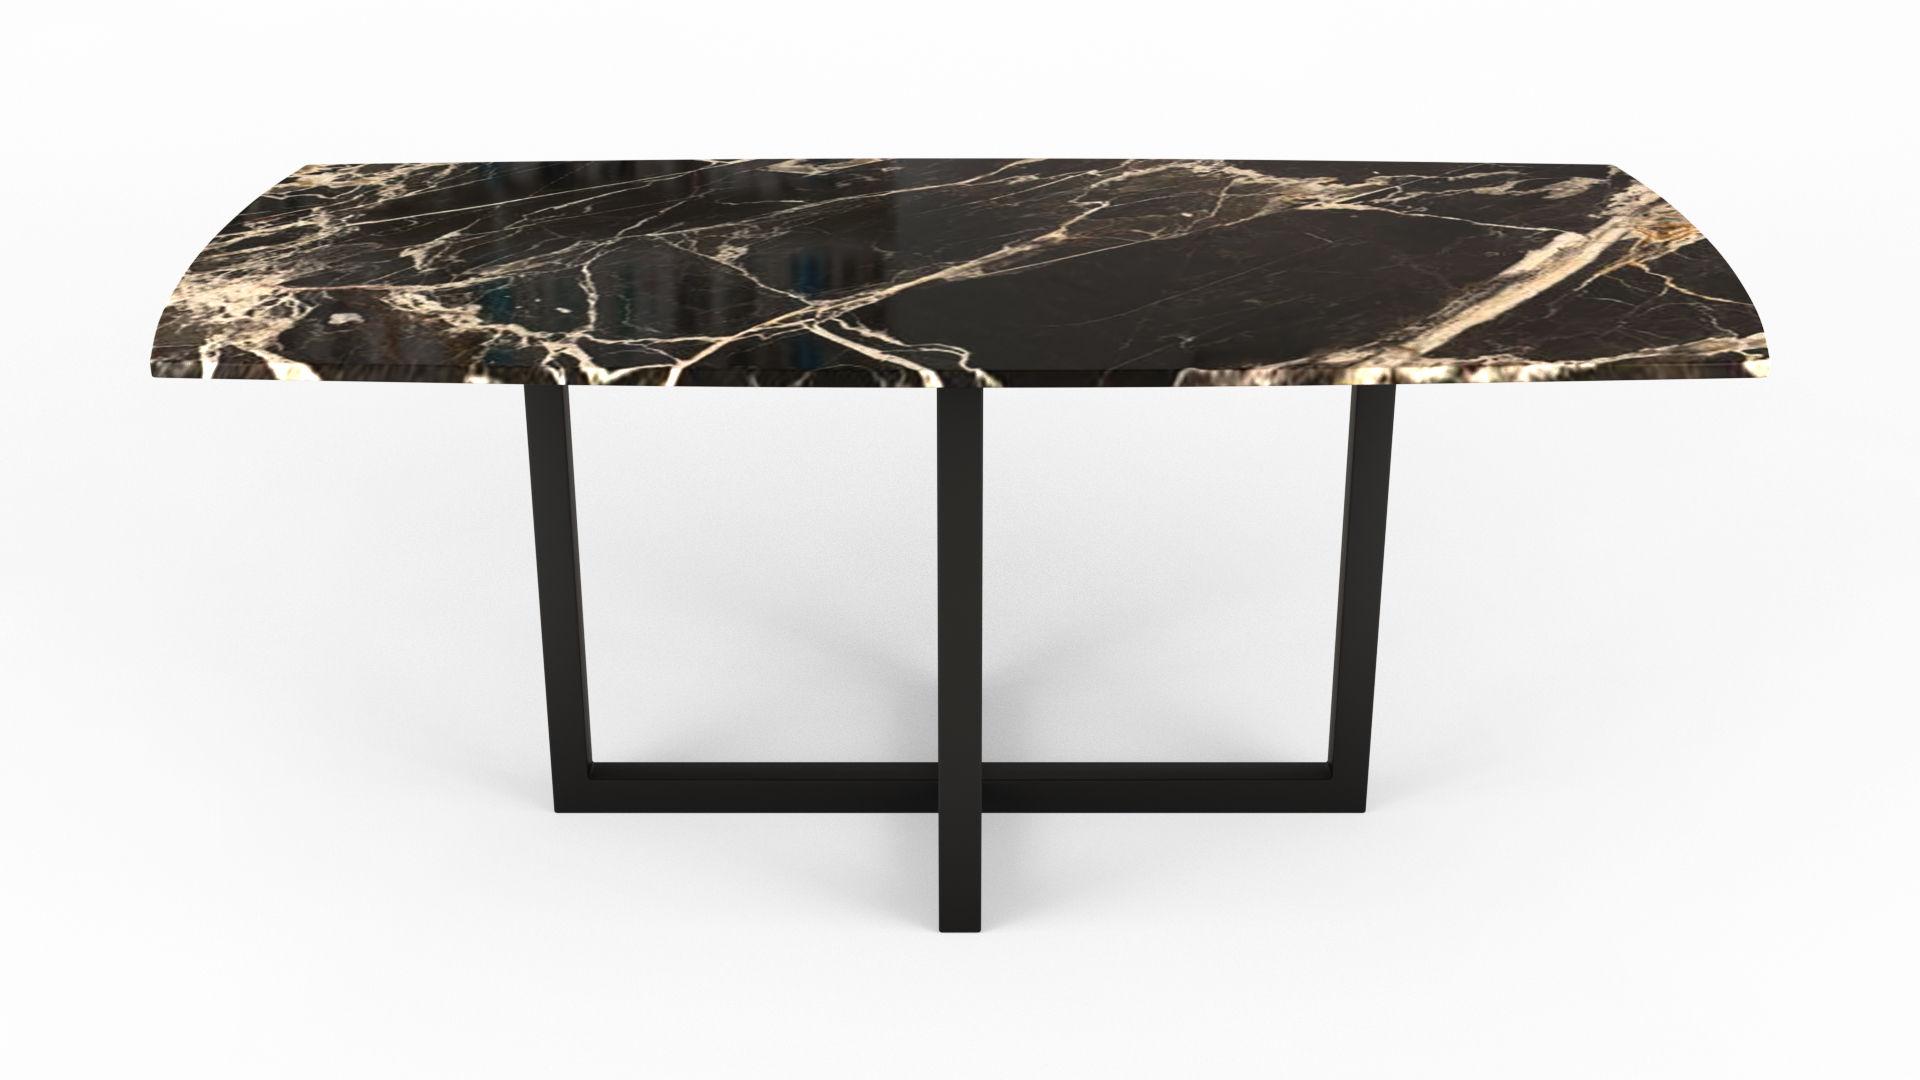 Mobiliers inspirants en pierre naturelle table à manger en marbre noir